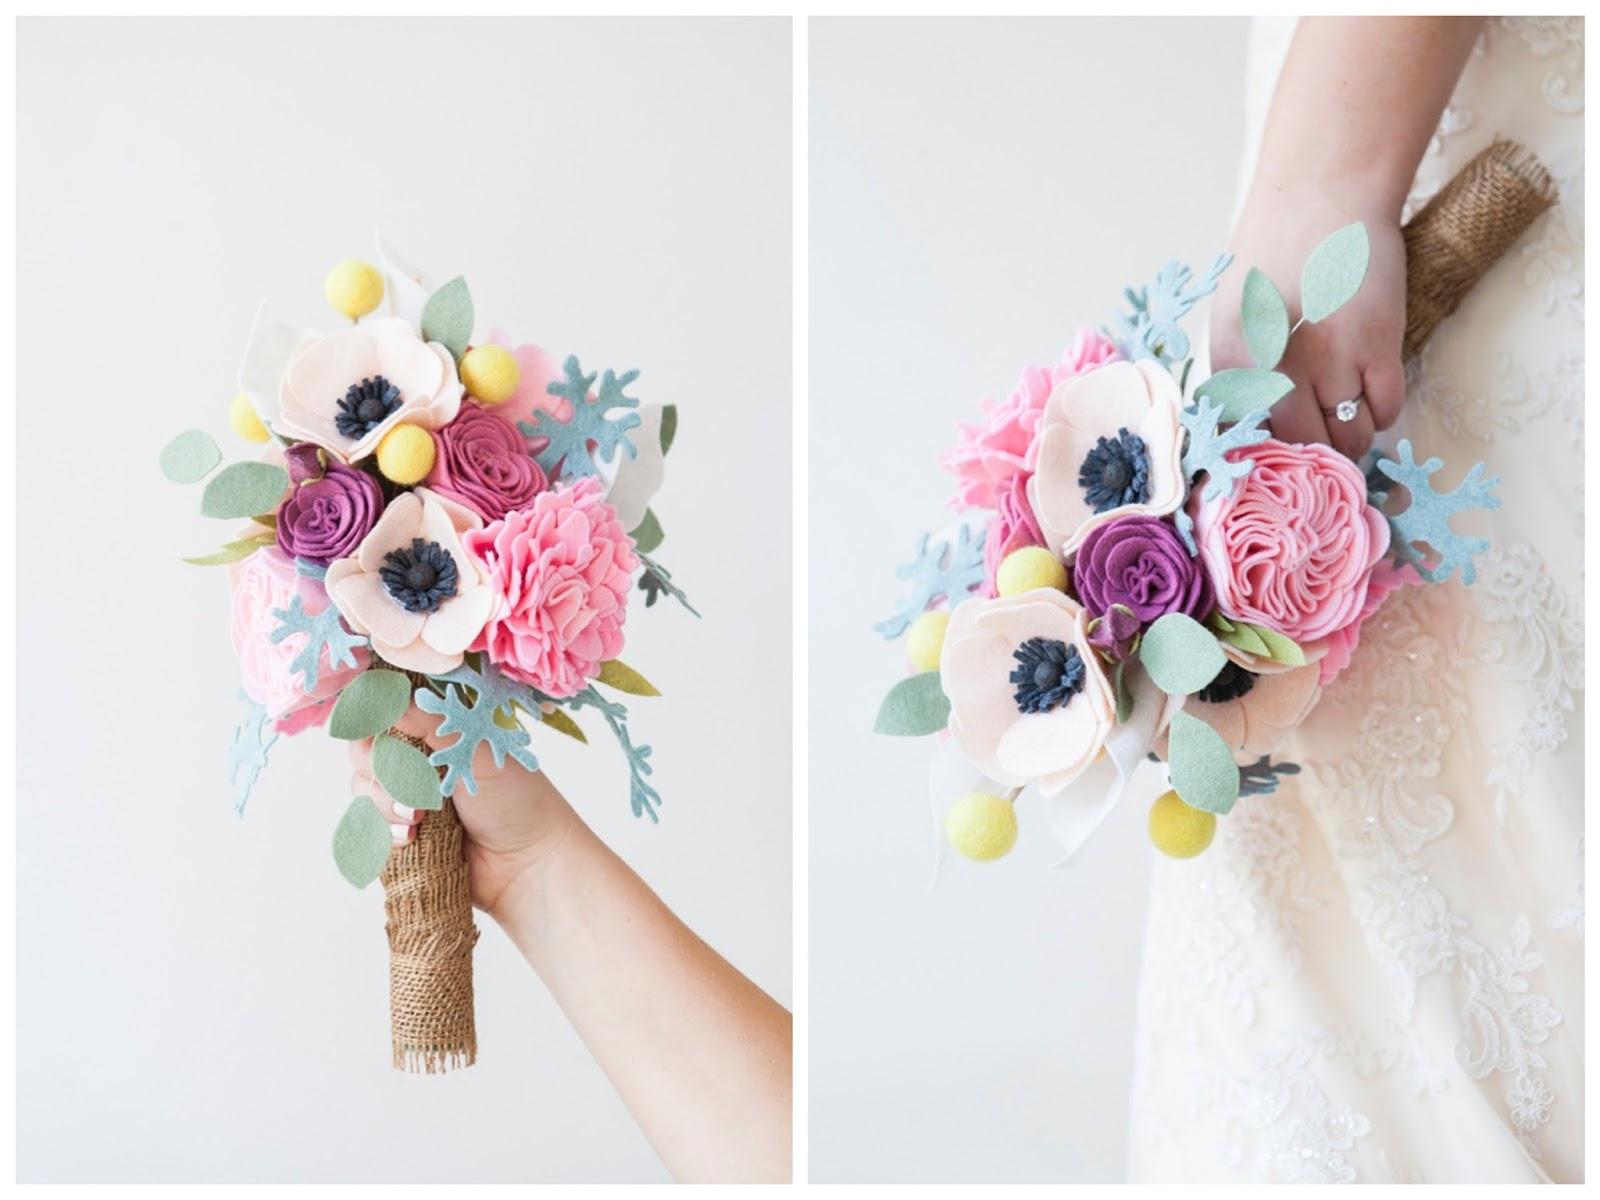 Flores Recicladas Para Regalar En San Valentin 2018